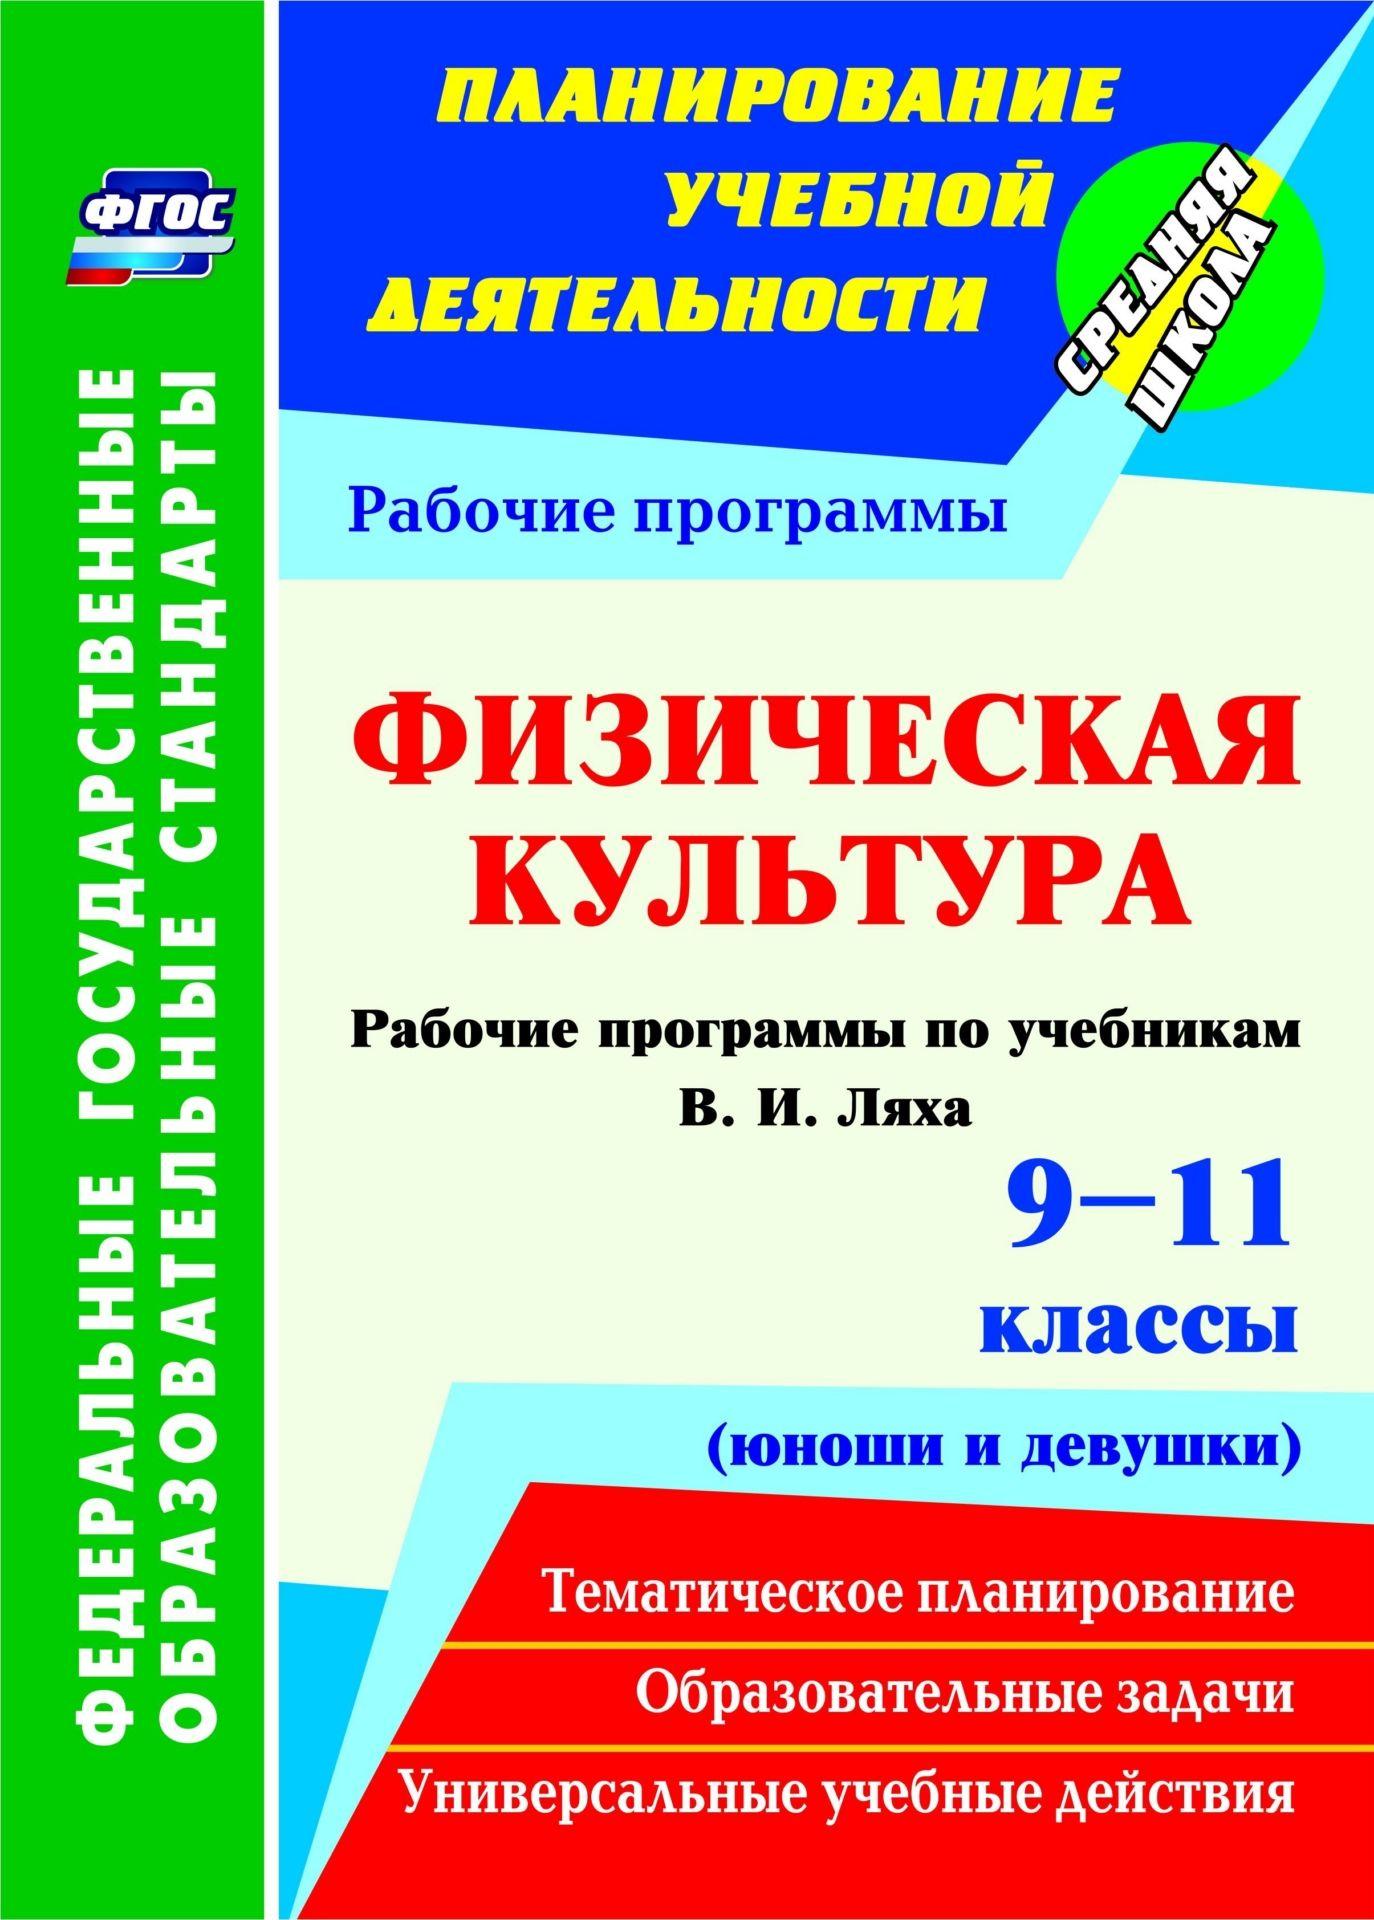 Физическая культура. 9-11 классы (юноши и девушки) : рабочие программы по учебникам В. И. Ляха. Программа для установки через Интернет